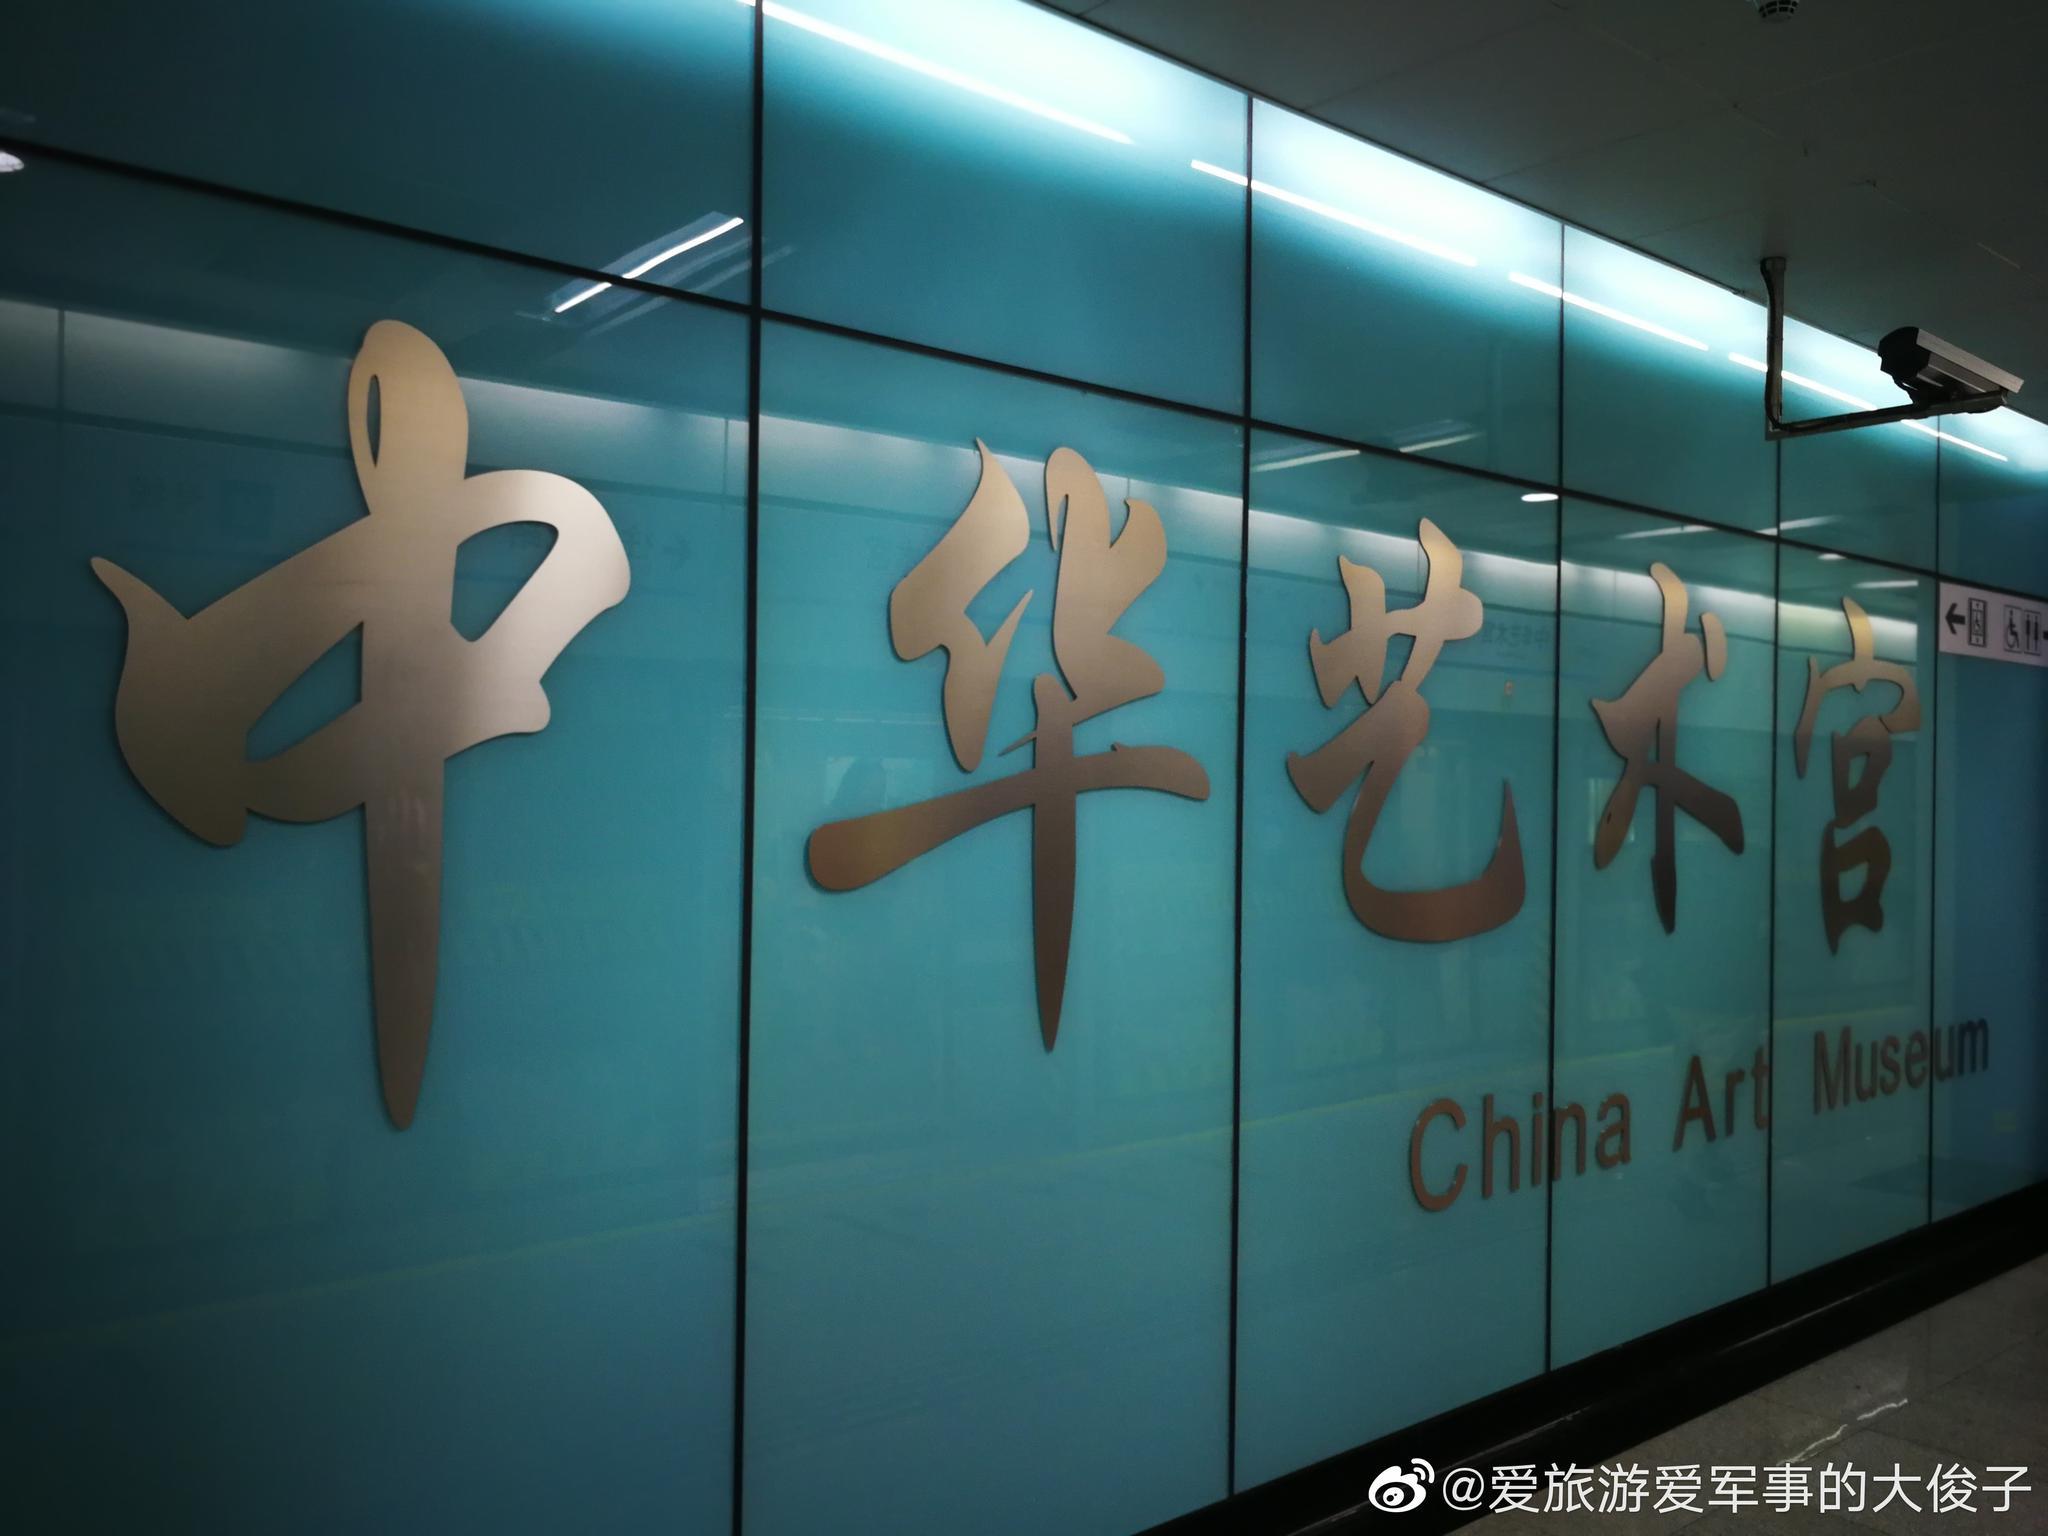 中华艺术宫由中国2010年上海世博会中国国家馆改建而成